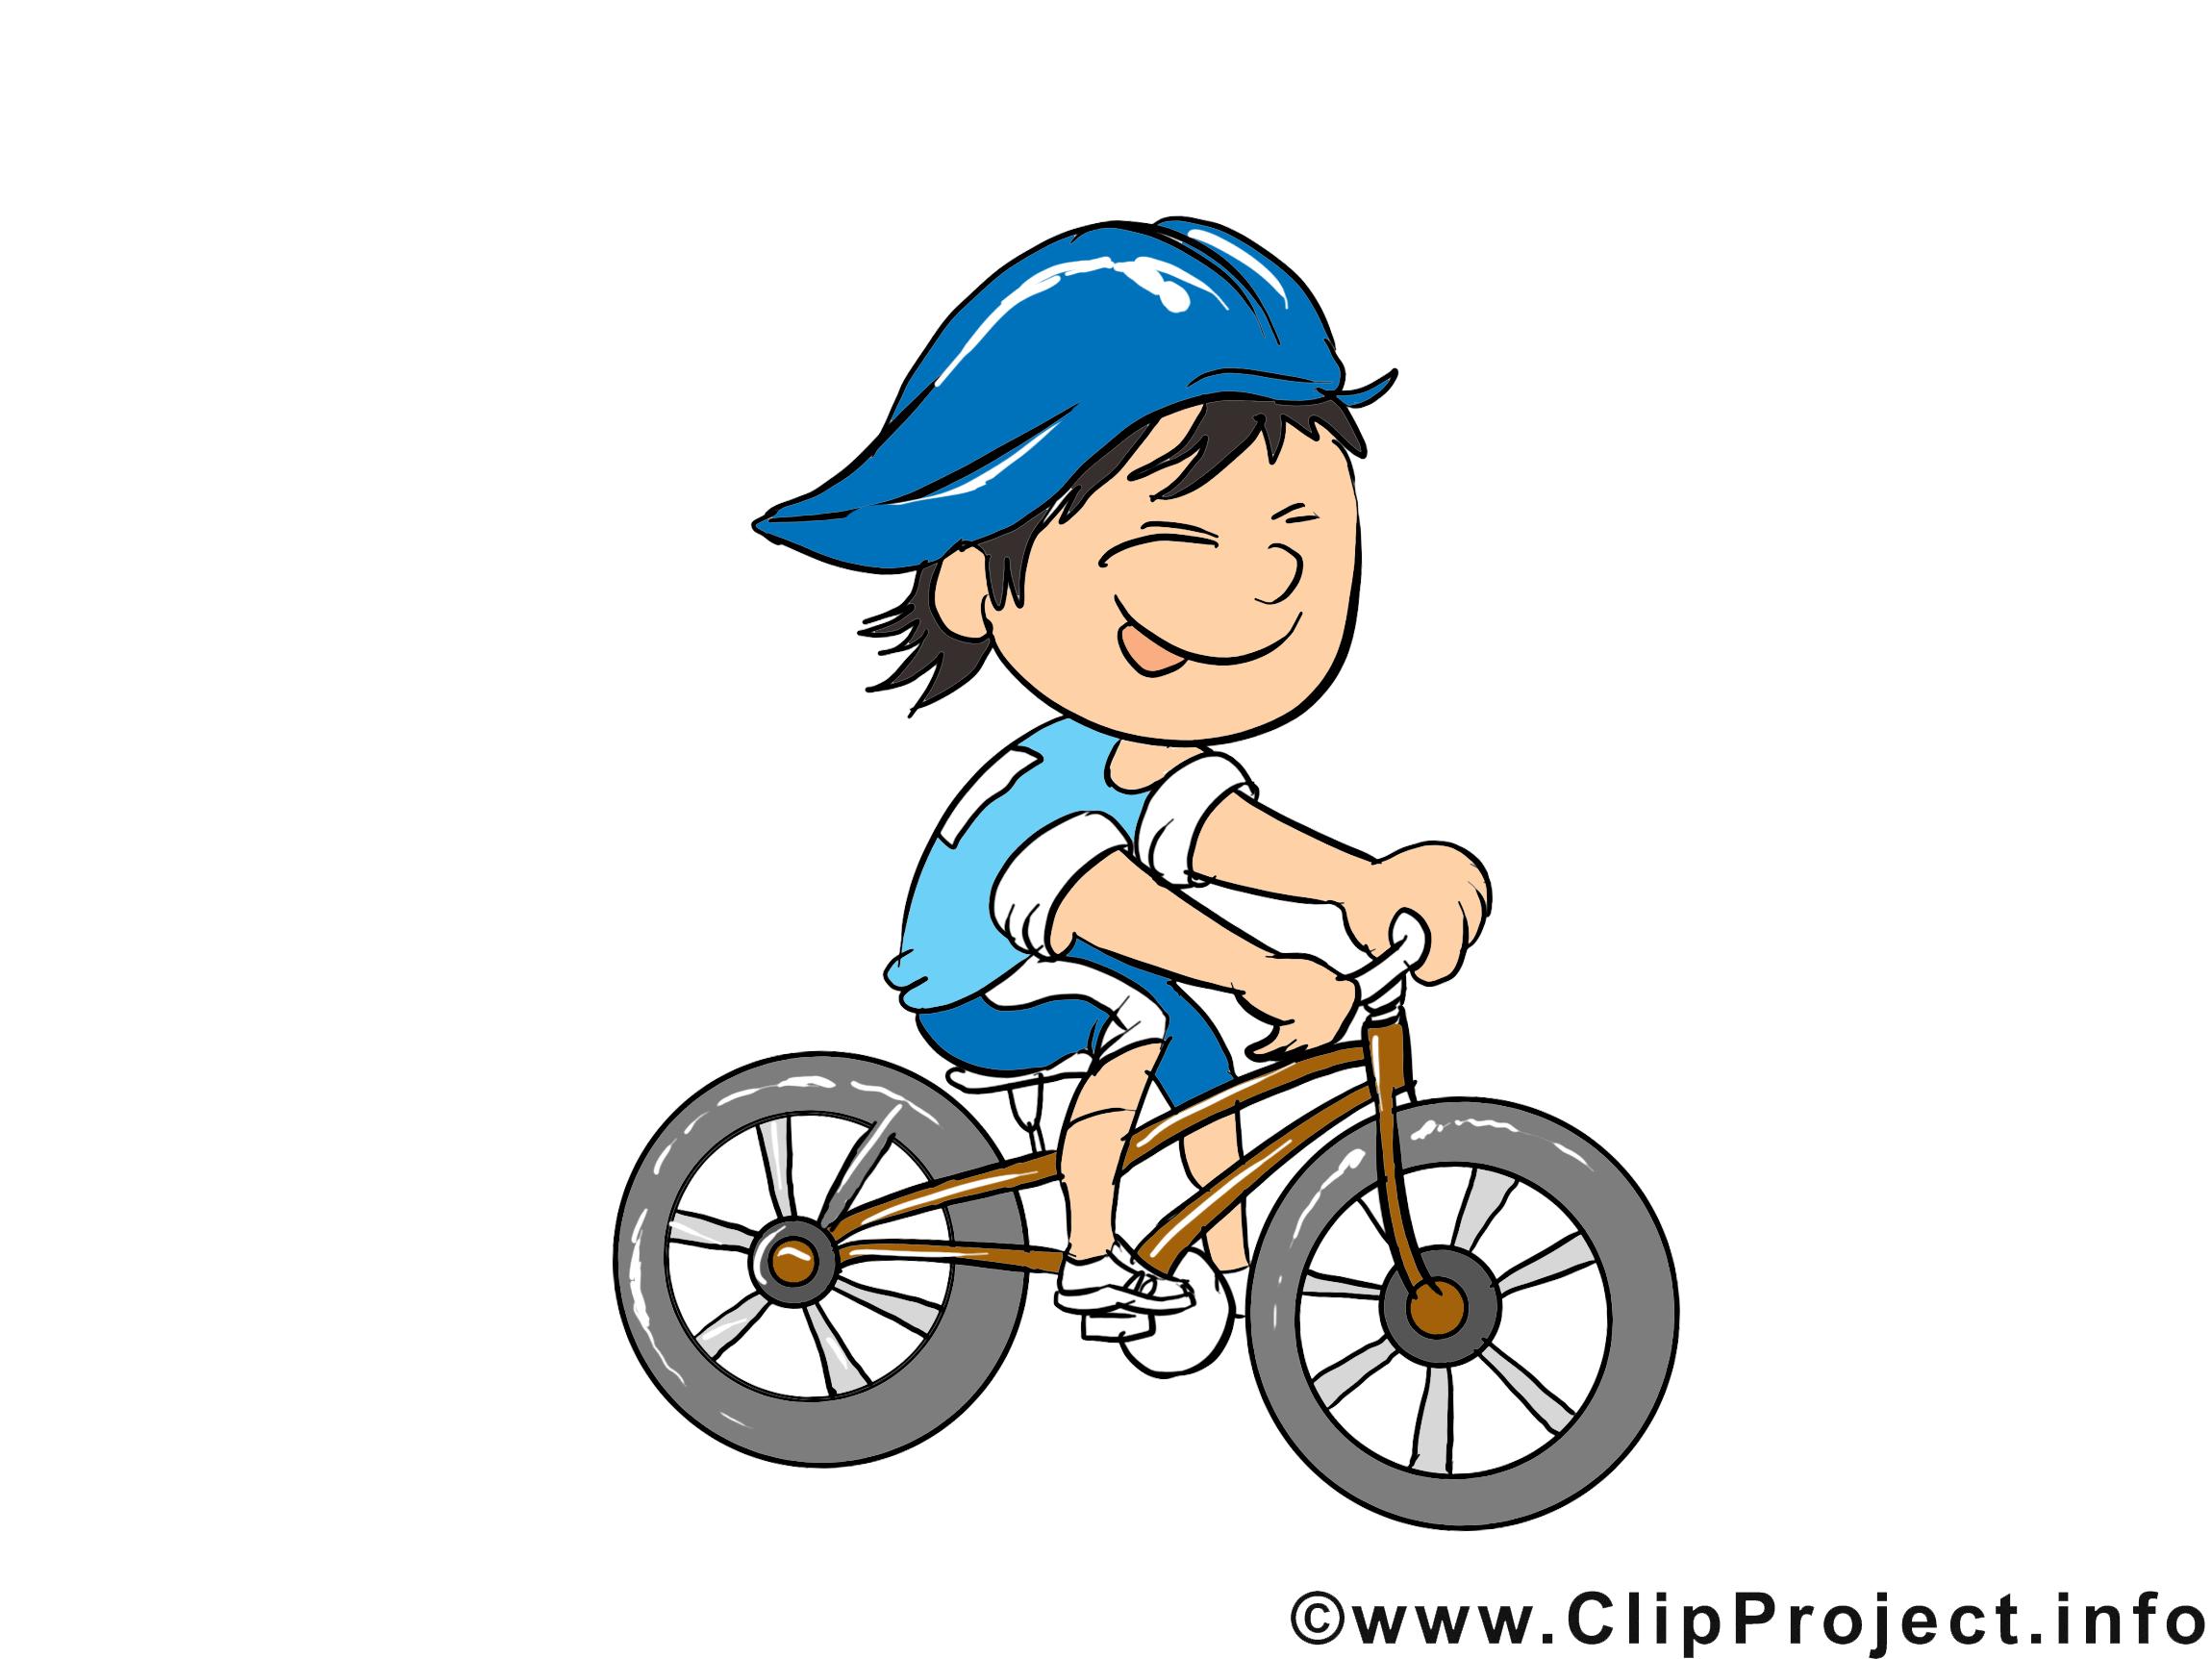 Cycliste dessins gratuits m tier clipart gratuit - Cycliste dessin ...